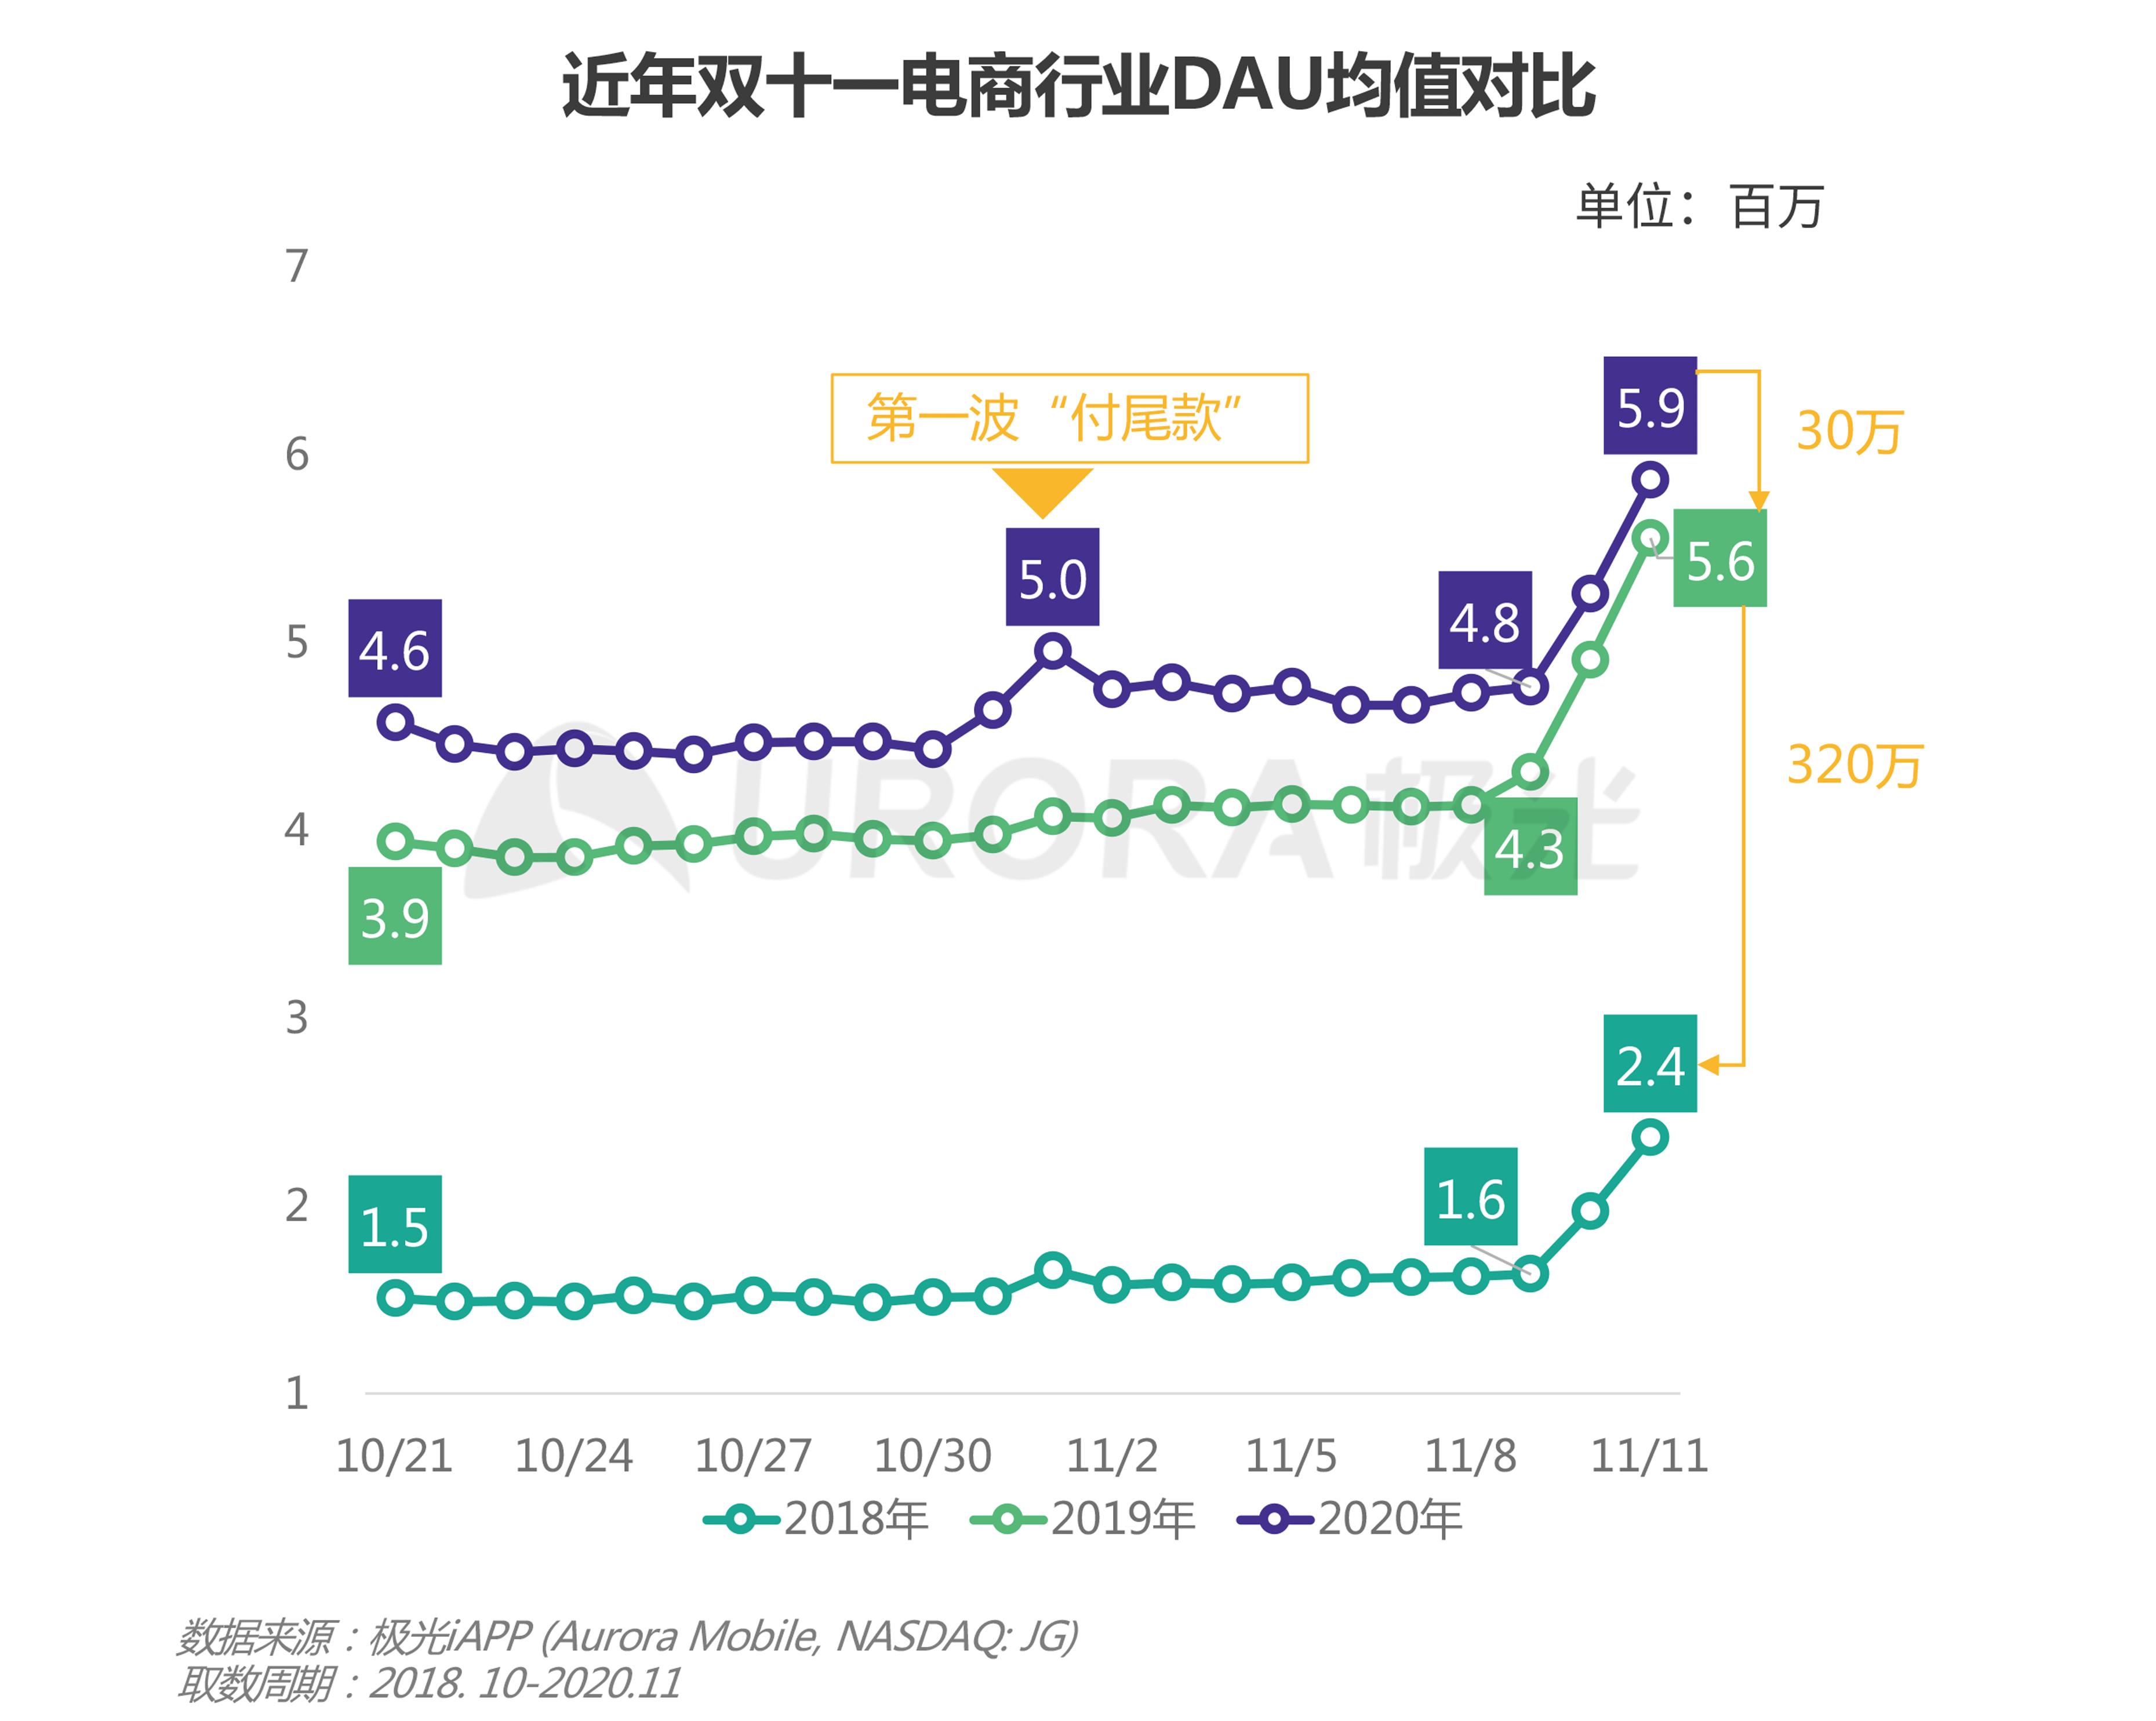 极光:双十一电商报告 (7).png